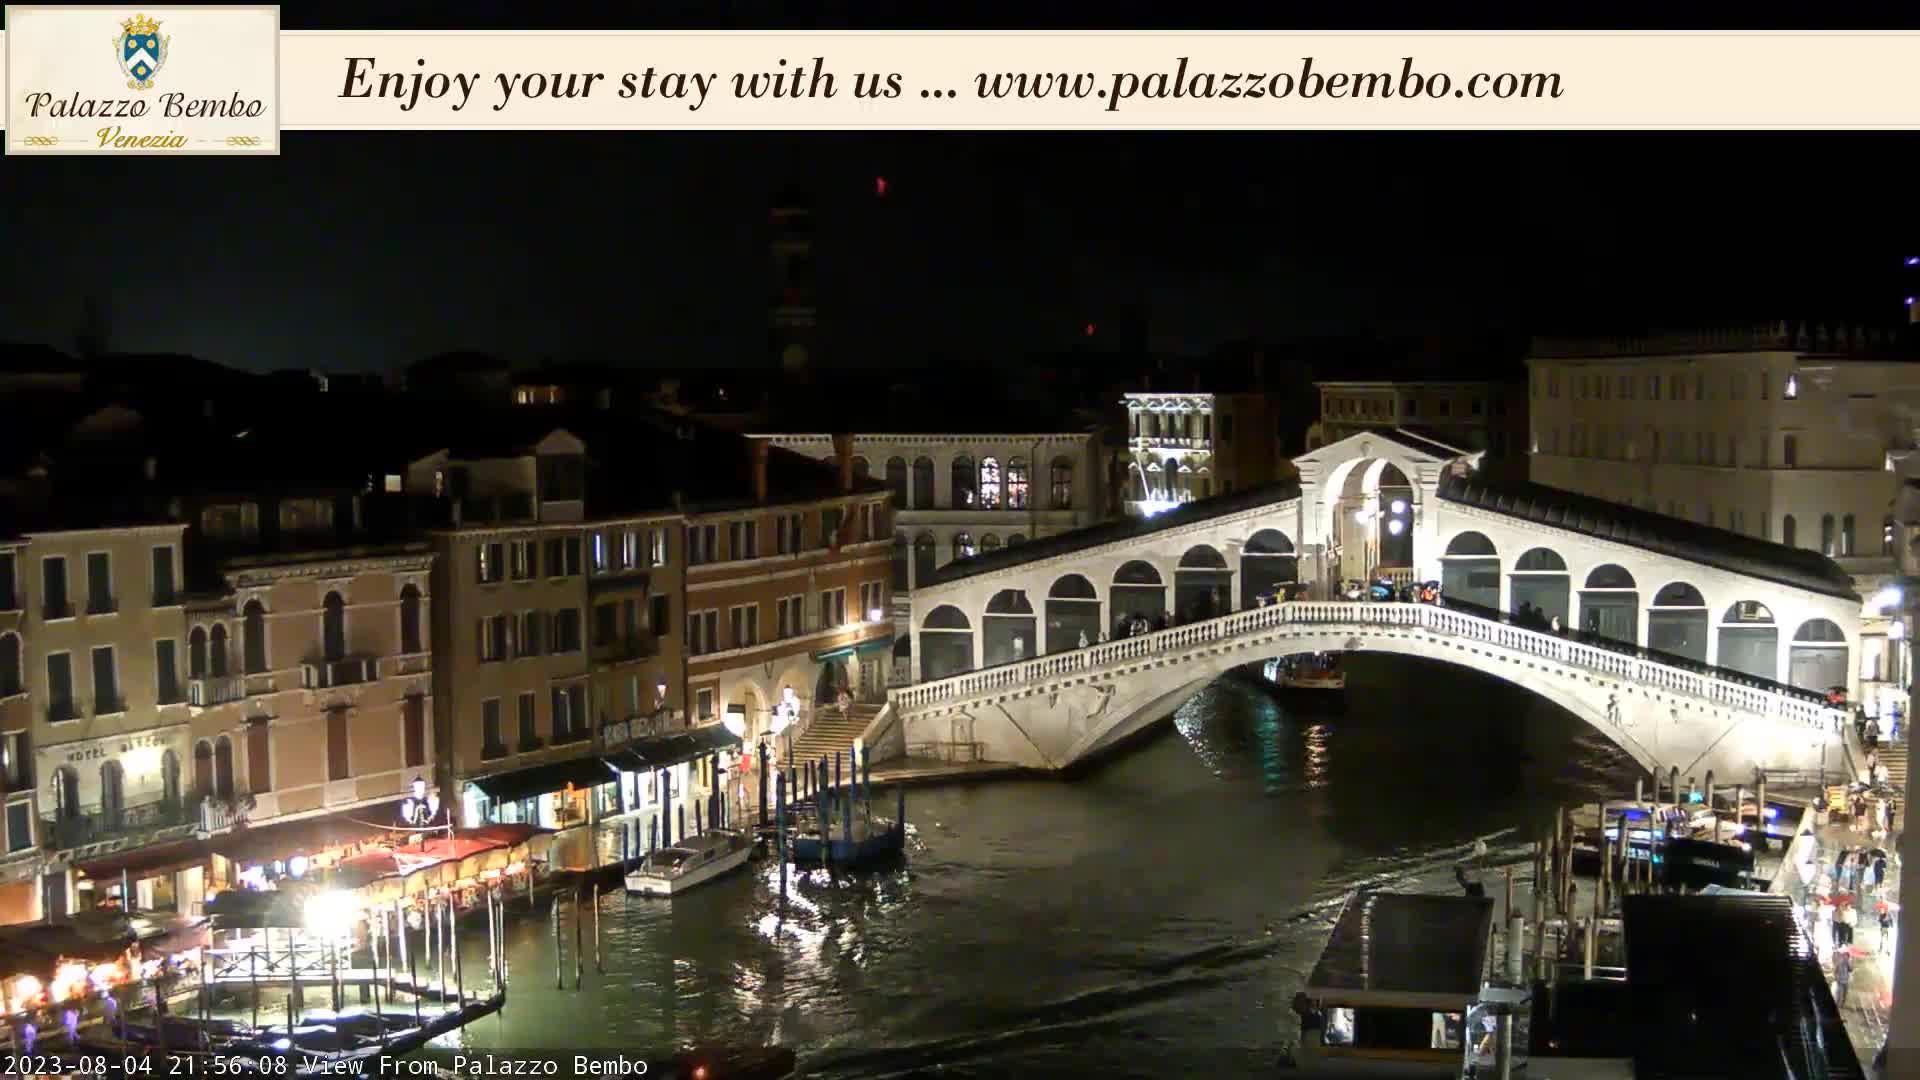 Venice Mon. 21:56